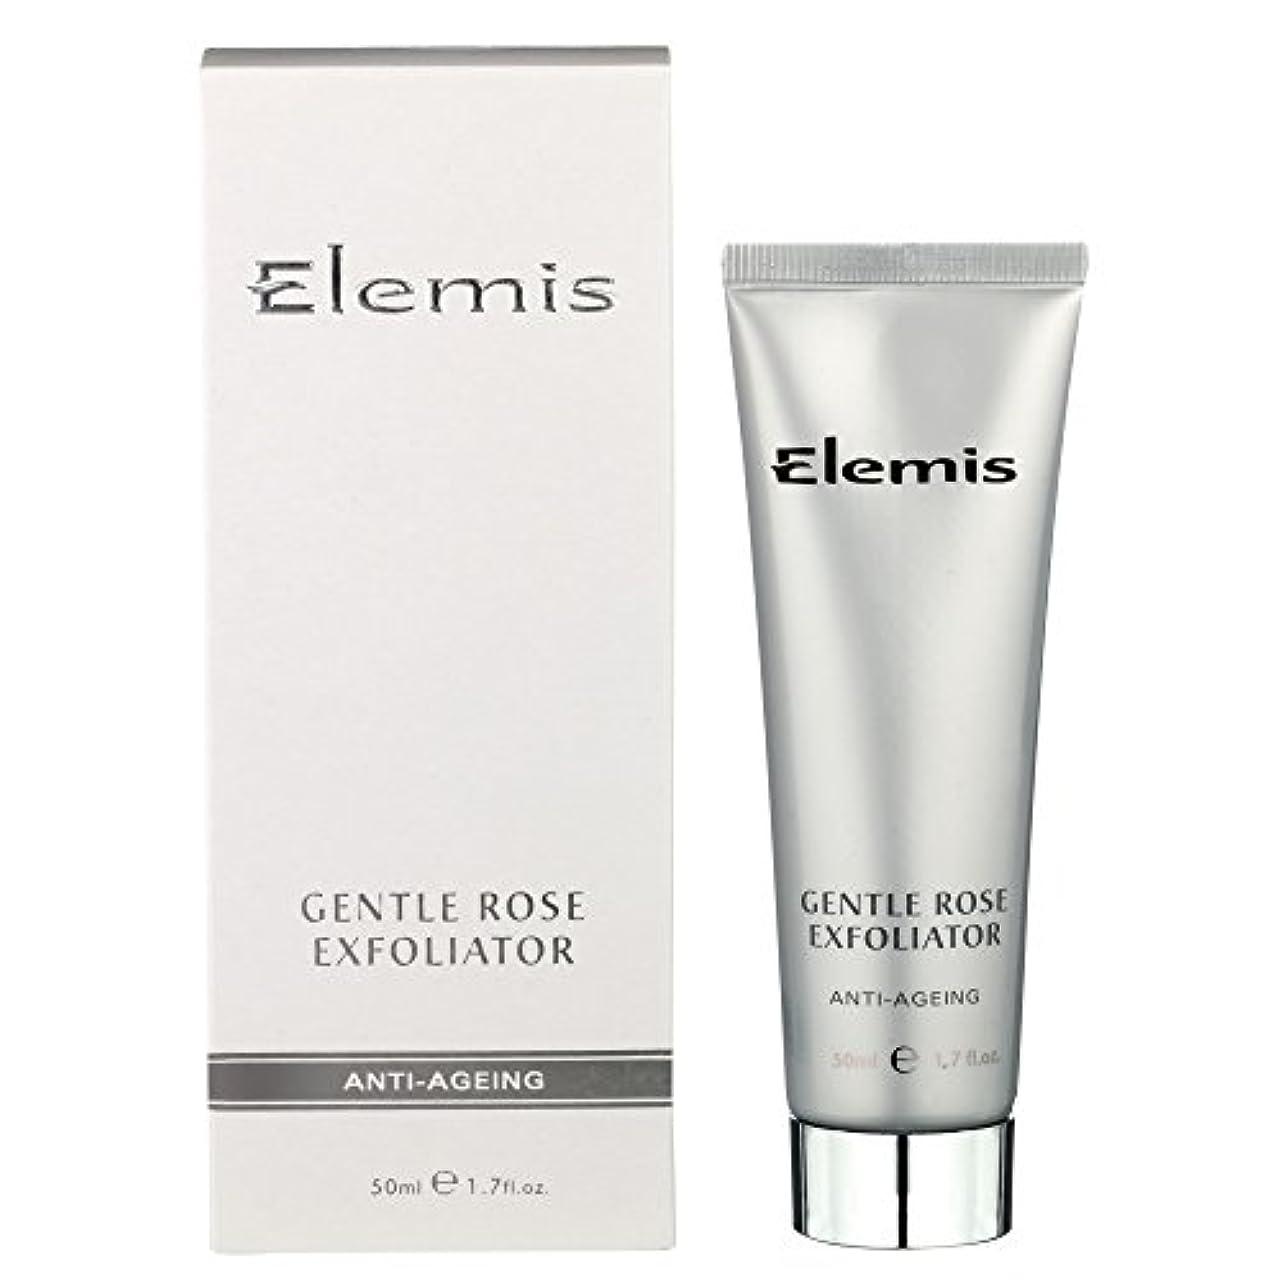 六月多年生に対処するエレミスは穏やかなエクスフォリエーターをバラ (Elemis) (x2) - Elemis Gentle Rose Exfoliator (Pack of 2) [並行輸入品]